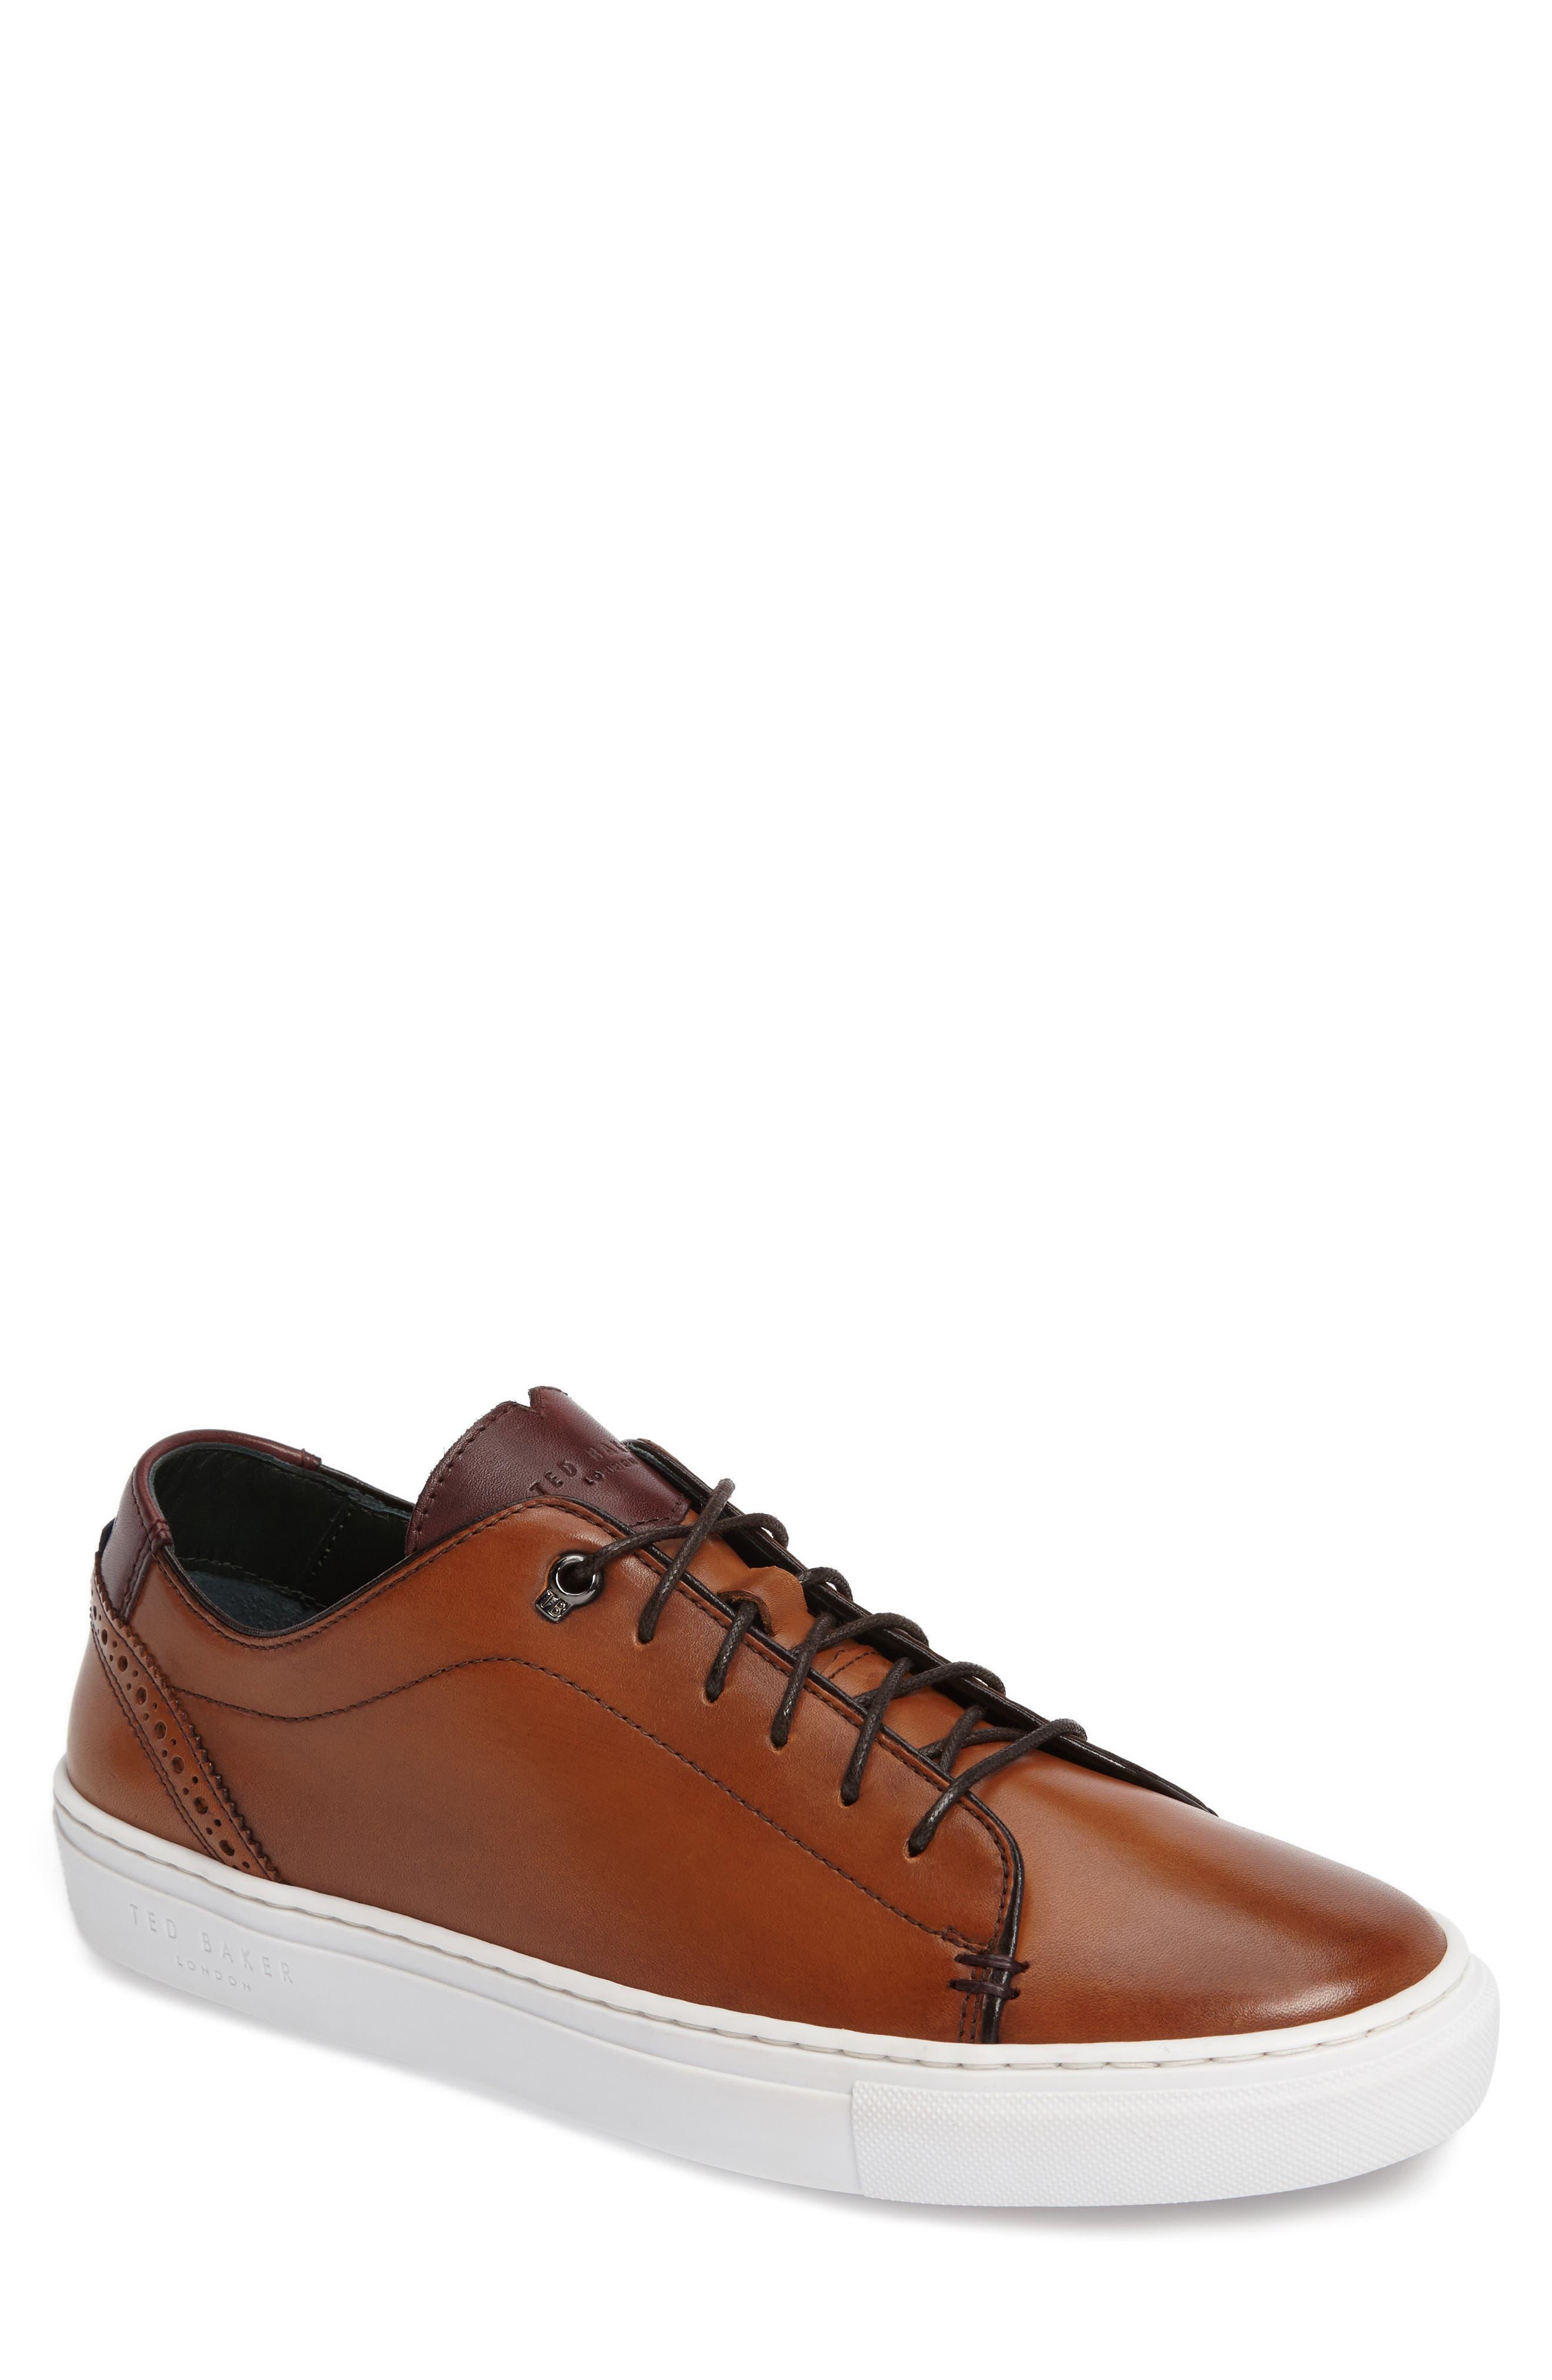 Main Image - Ted Baker London Duuke Sneaker (Men)